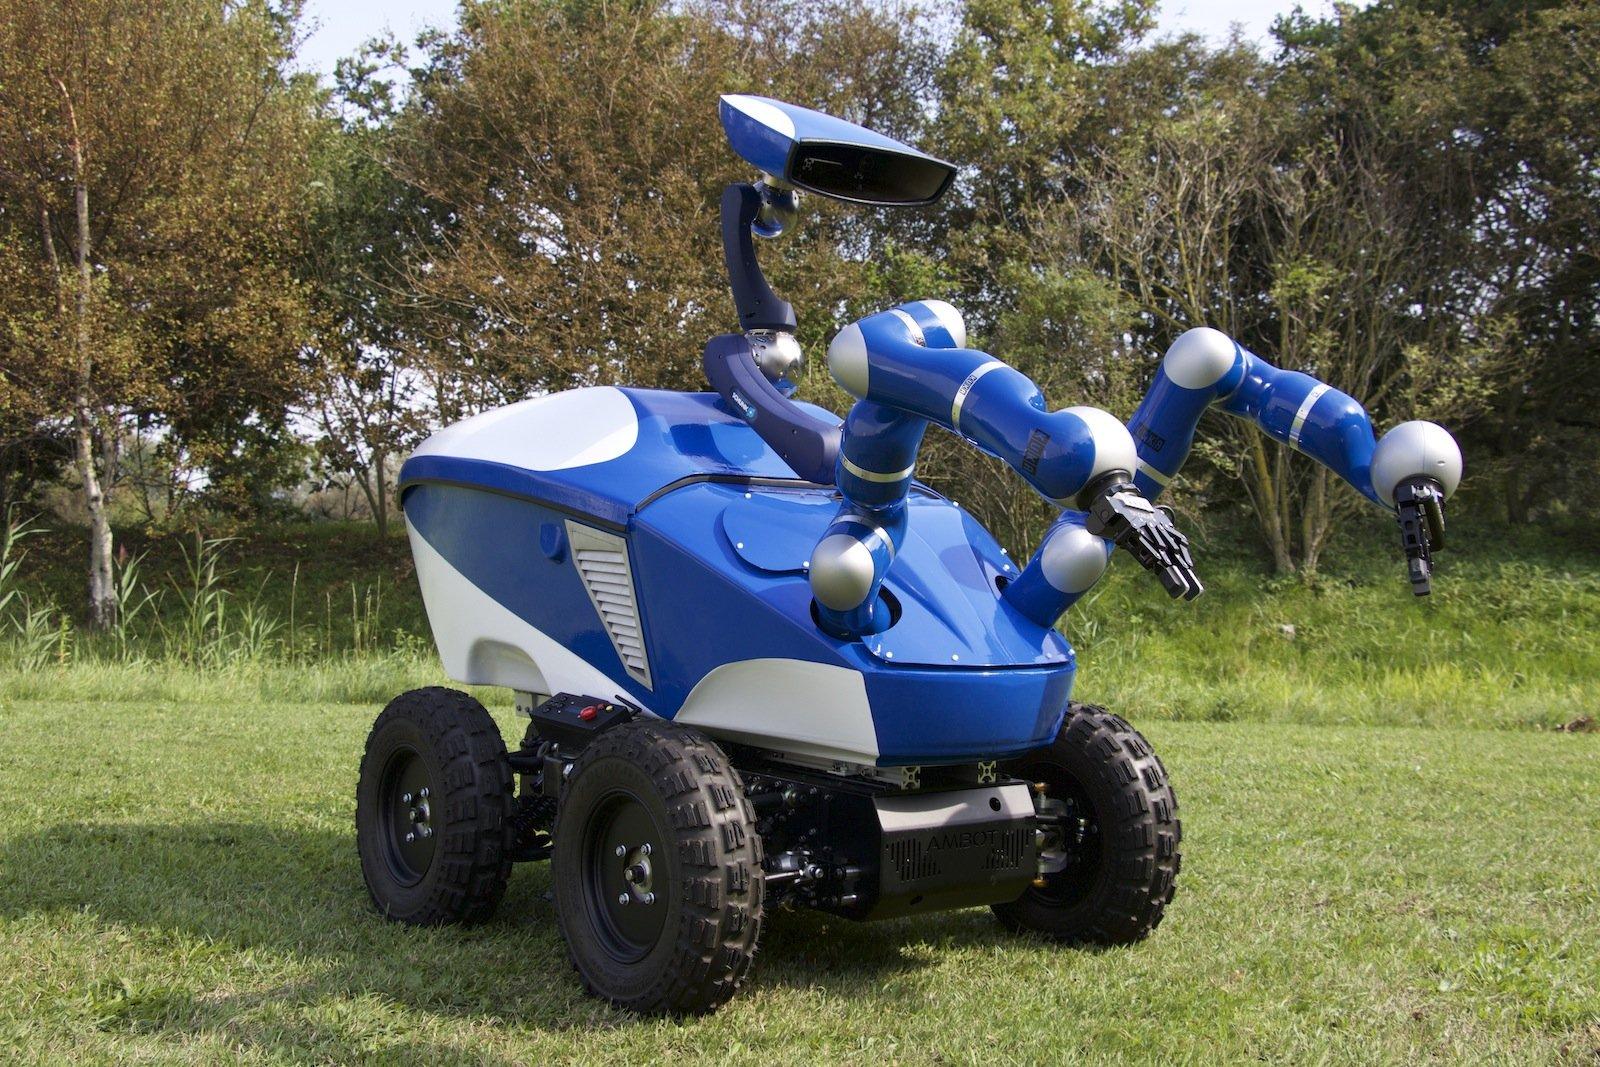 ISS an Erde: Roboter Centaur lässt sich über eine Distanz von mehr als 400 Kilometern präzise fernsteuern. Hochsensible Sensoren ermöglichen die Übertragung haptischer Tasterfahrungen ins Weltall.